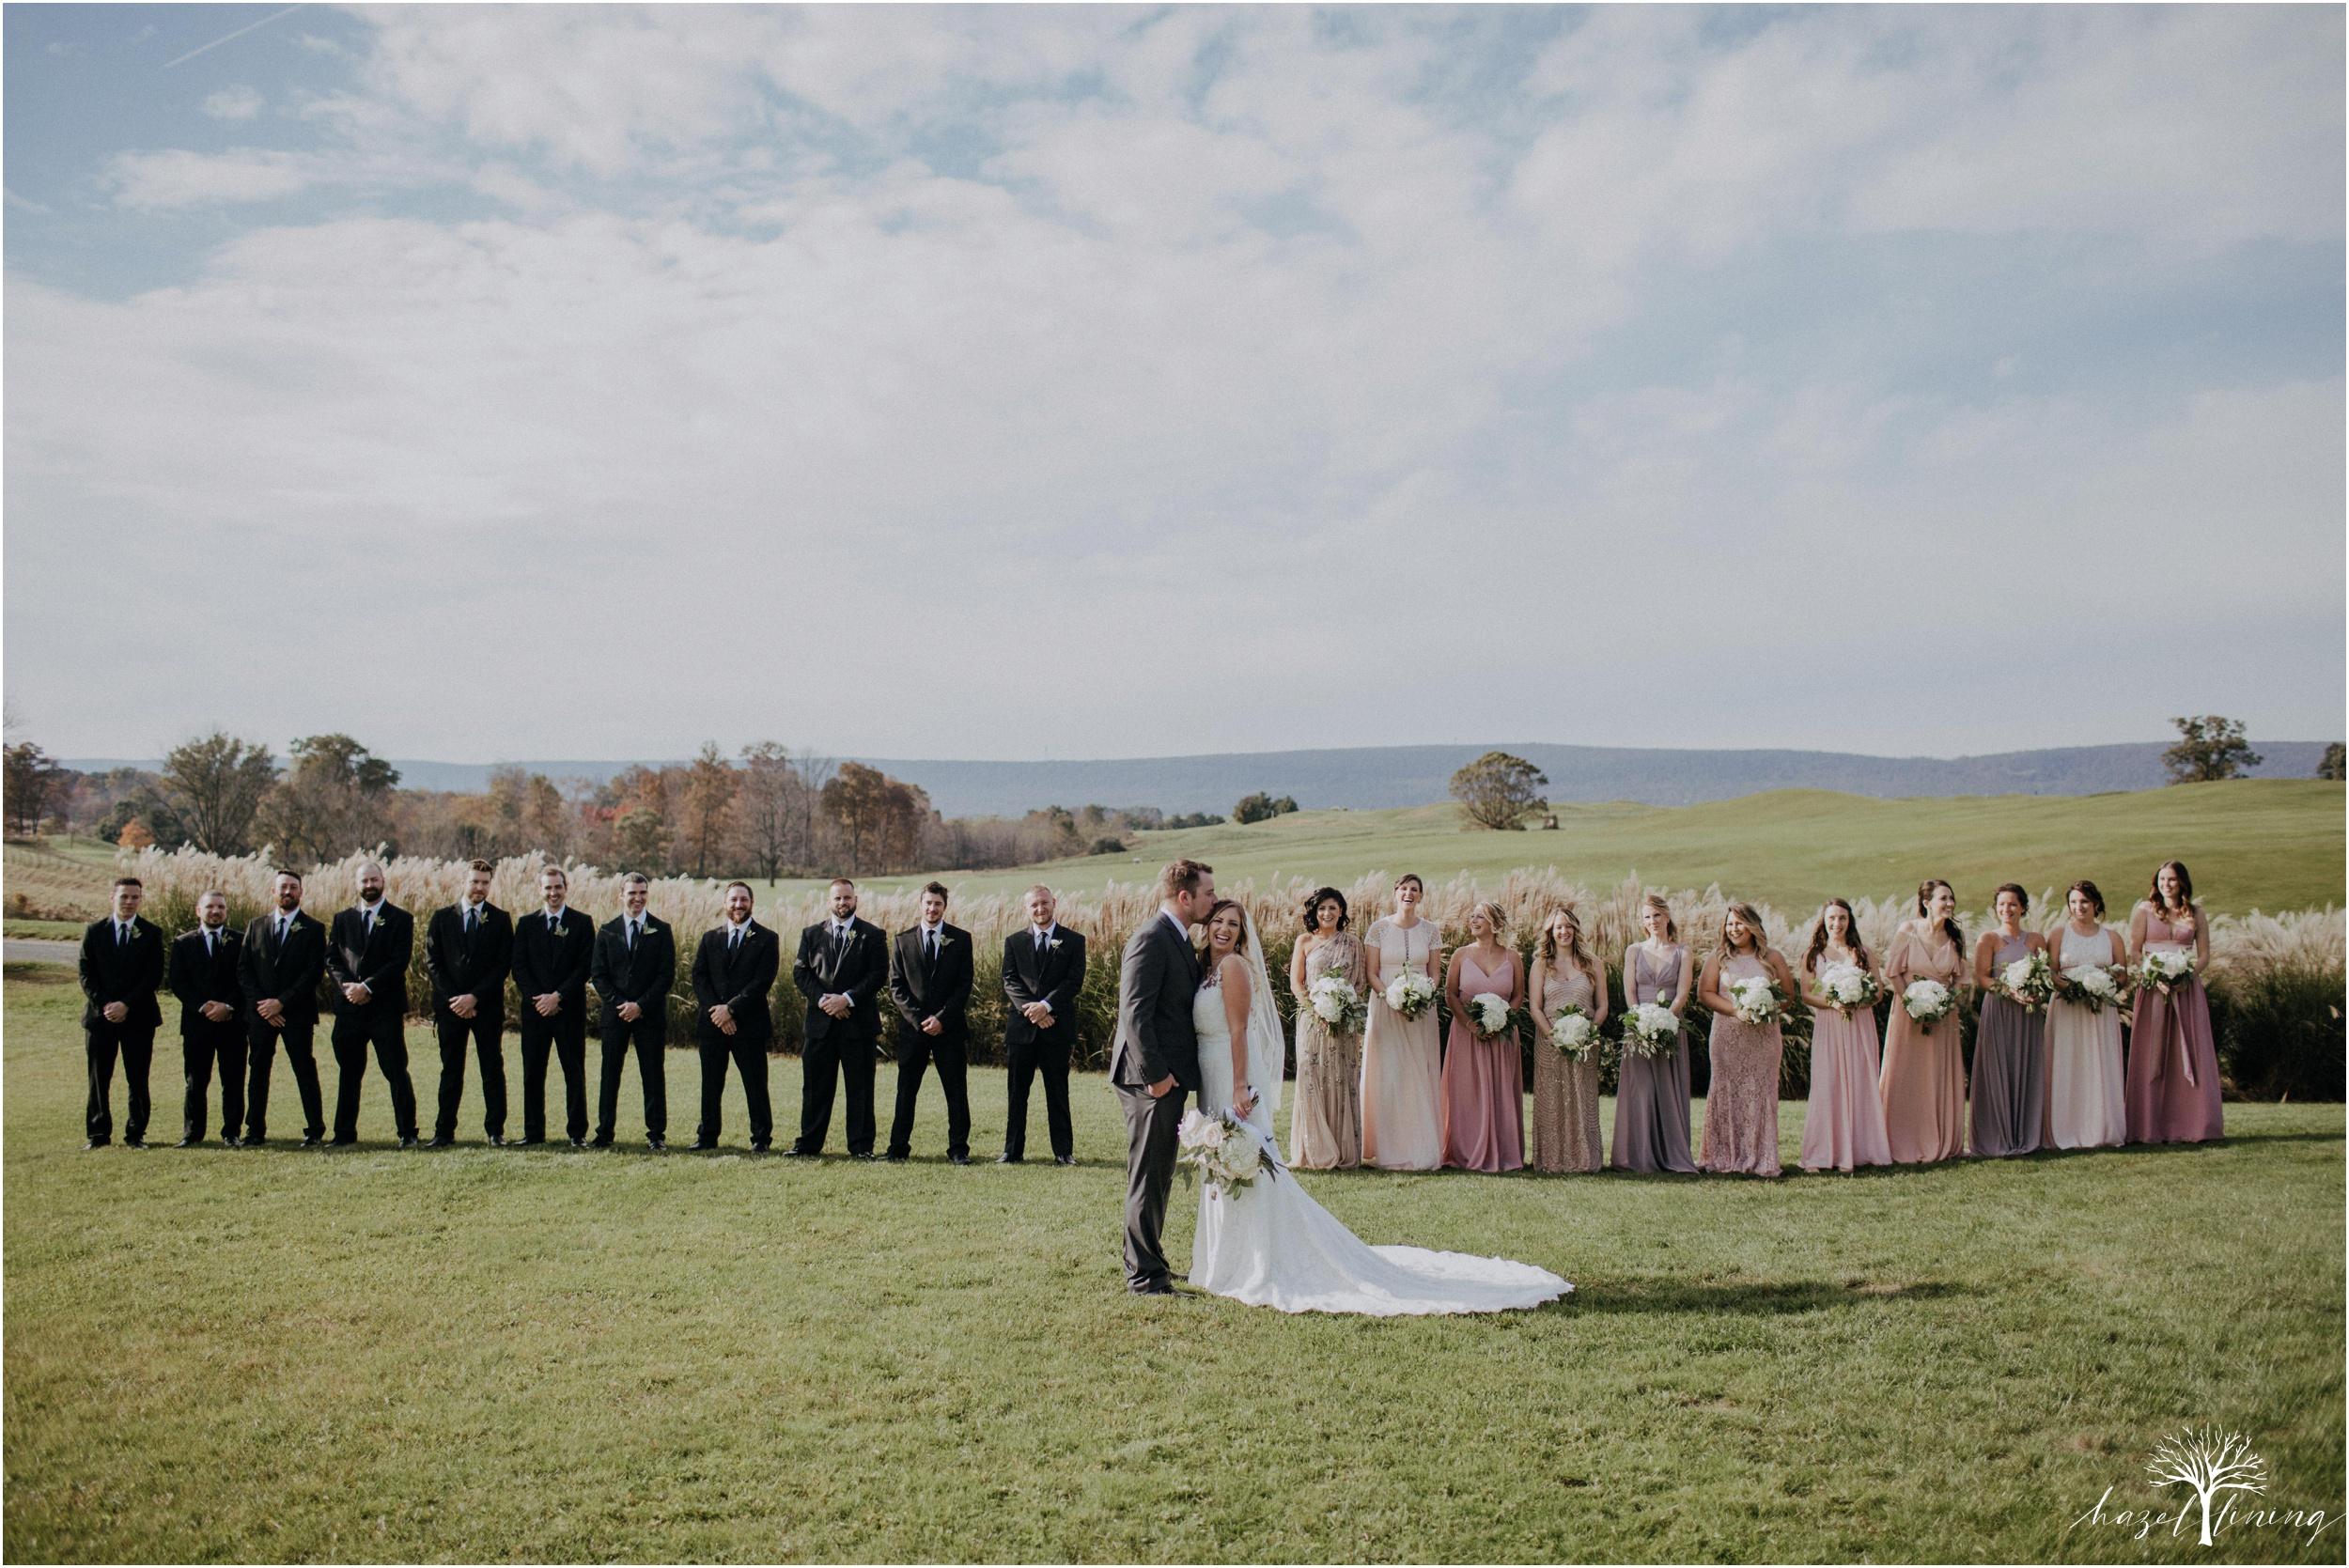 jessie-martin-zach-umlauf-olde-homestead-golfclub-outdoor-autumn-wedding_0085.jpg